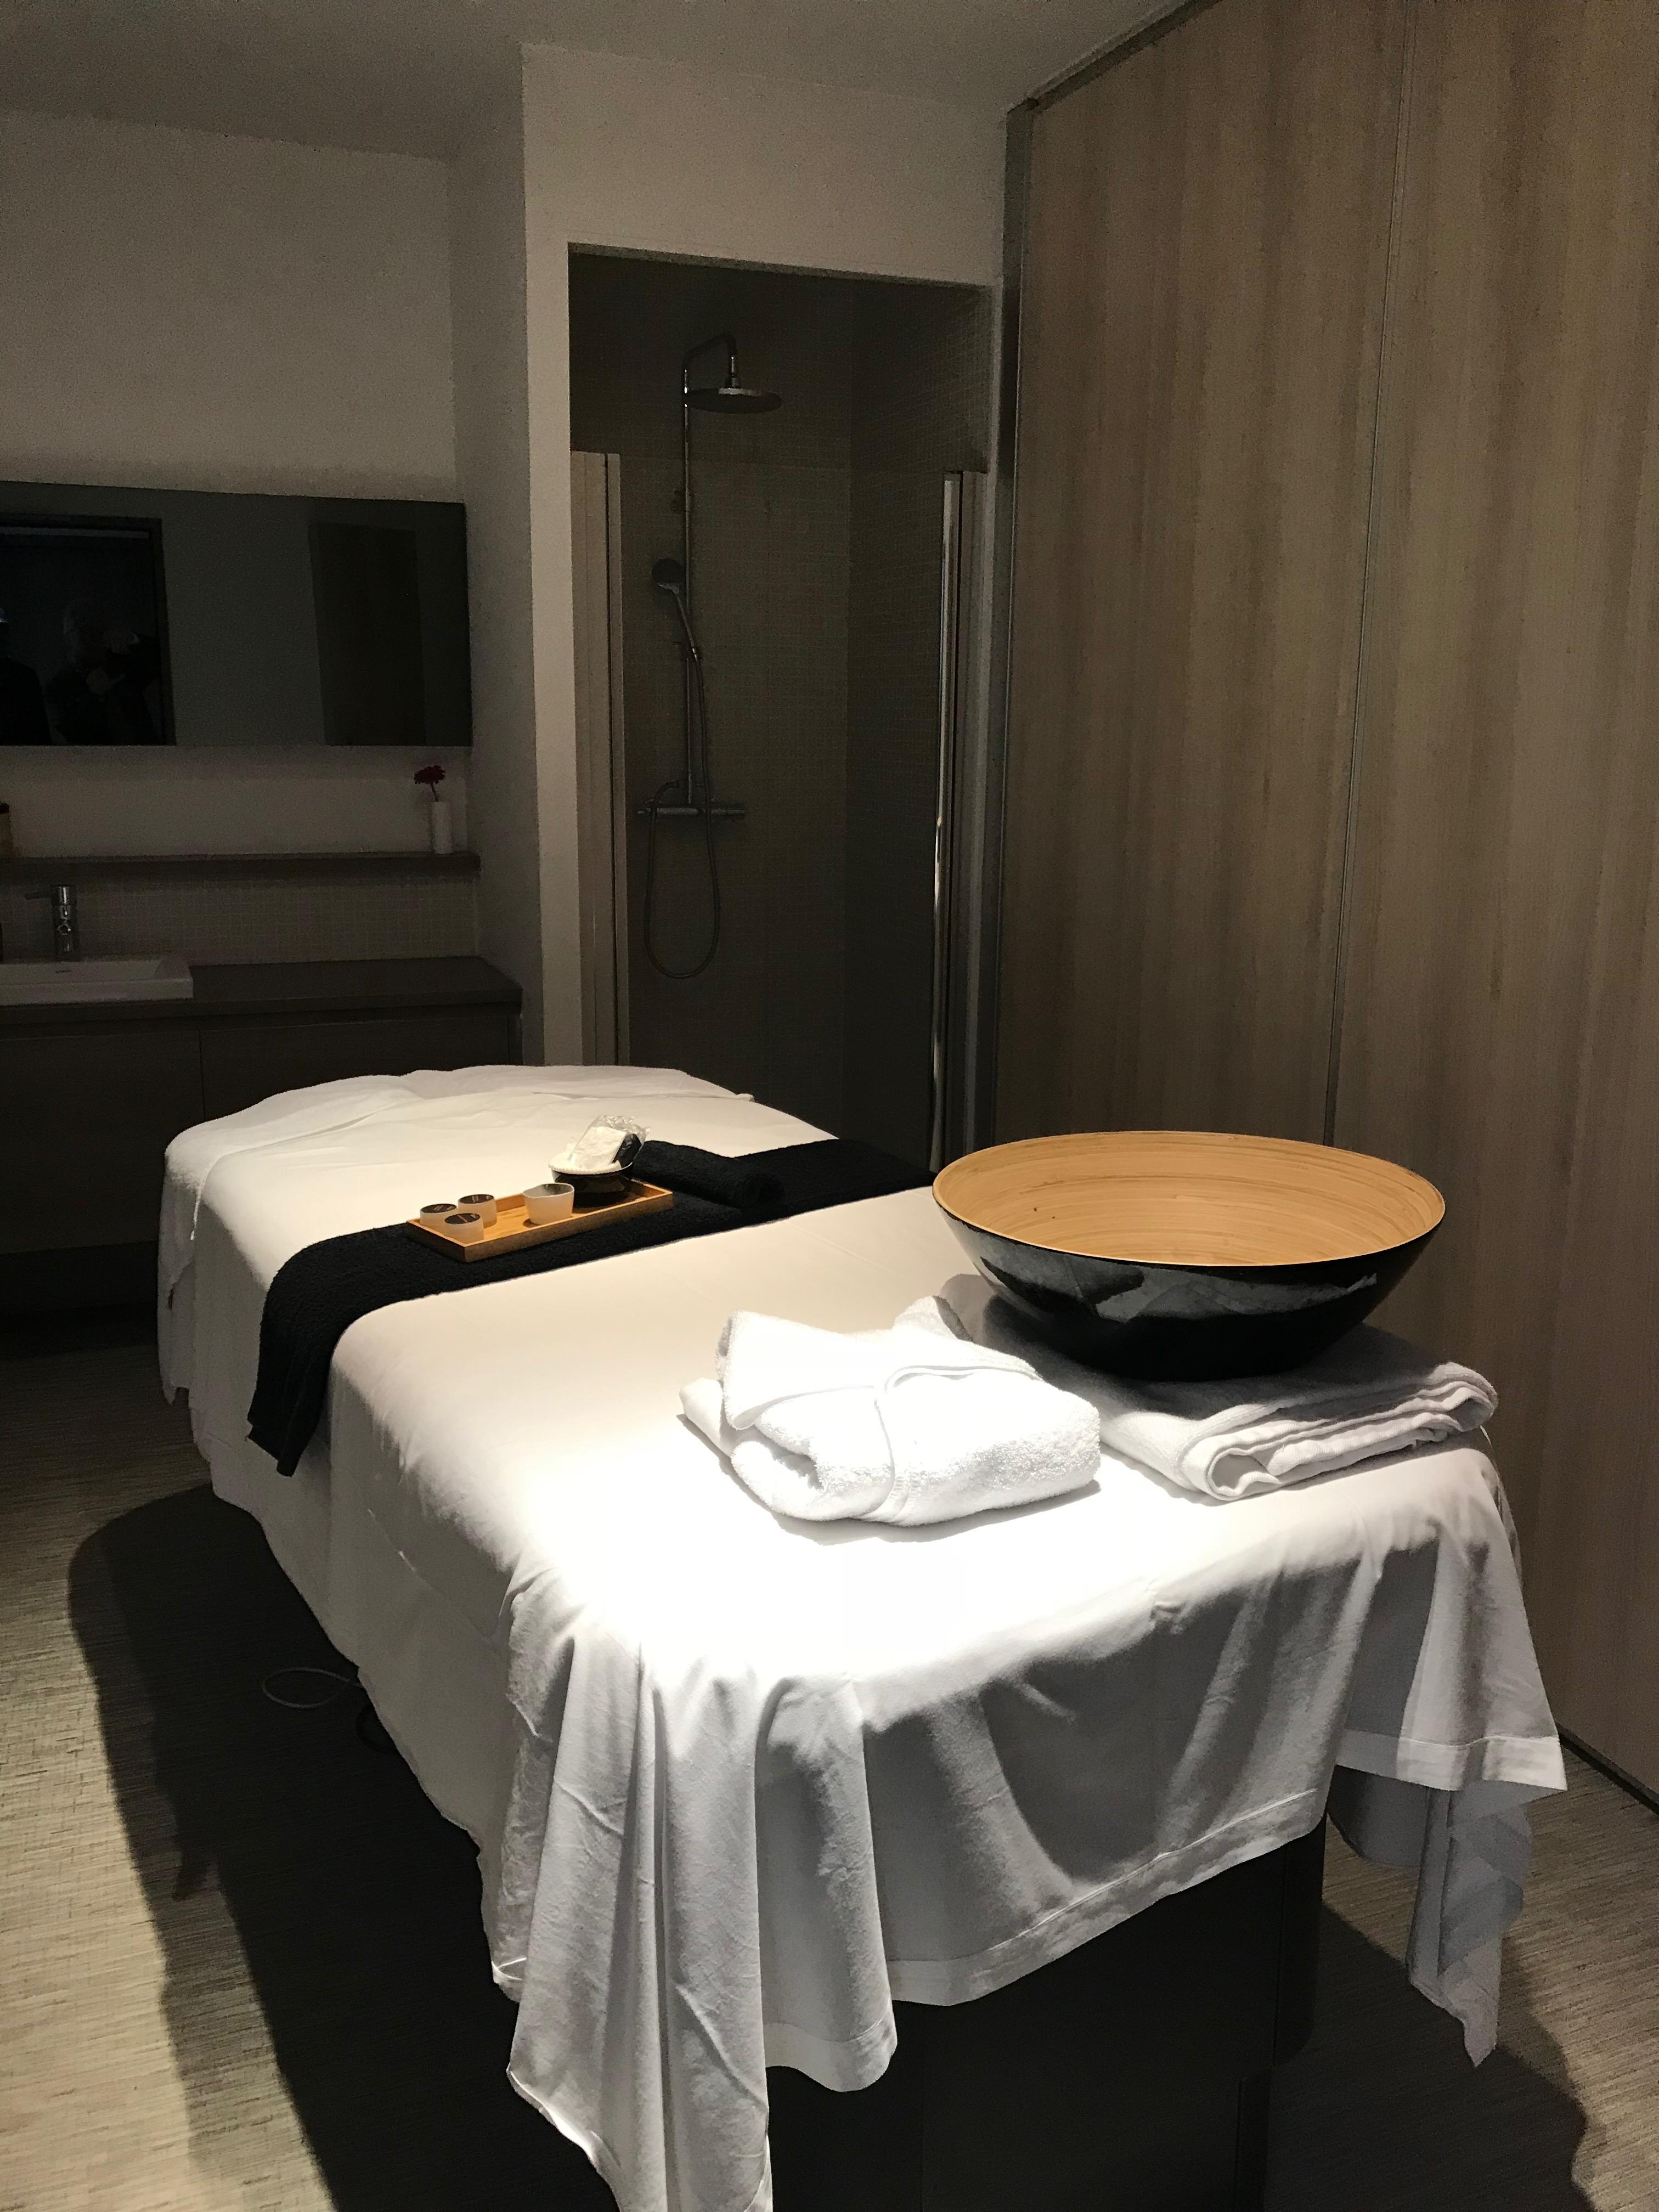 Img 8592 - Salon de massage erotique montpellier ...